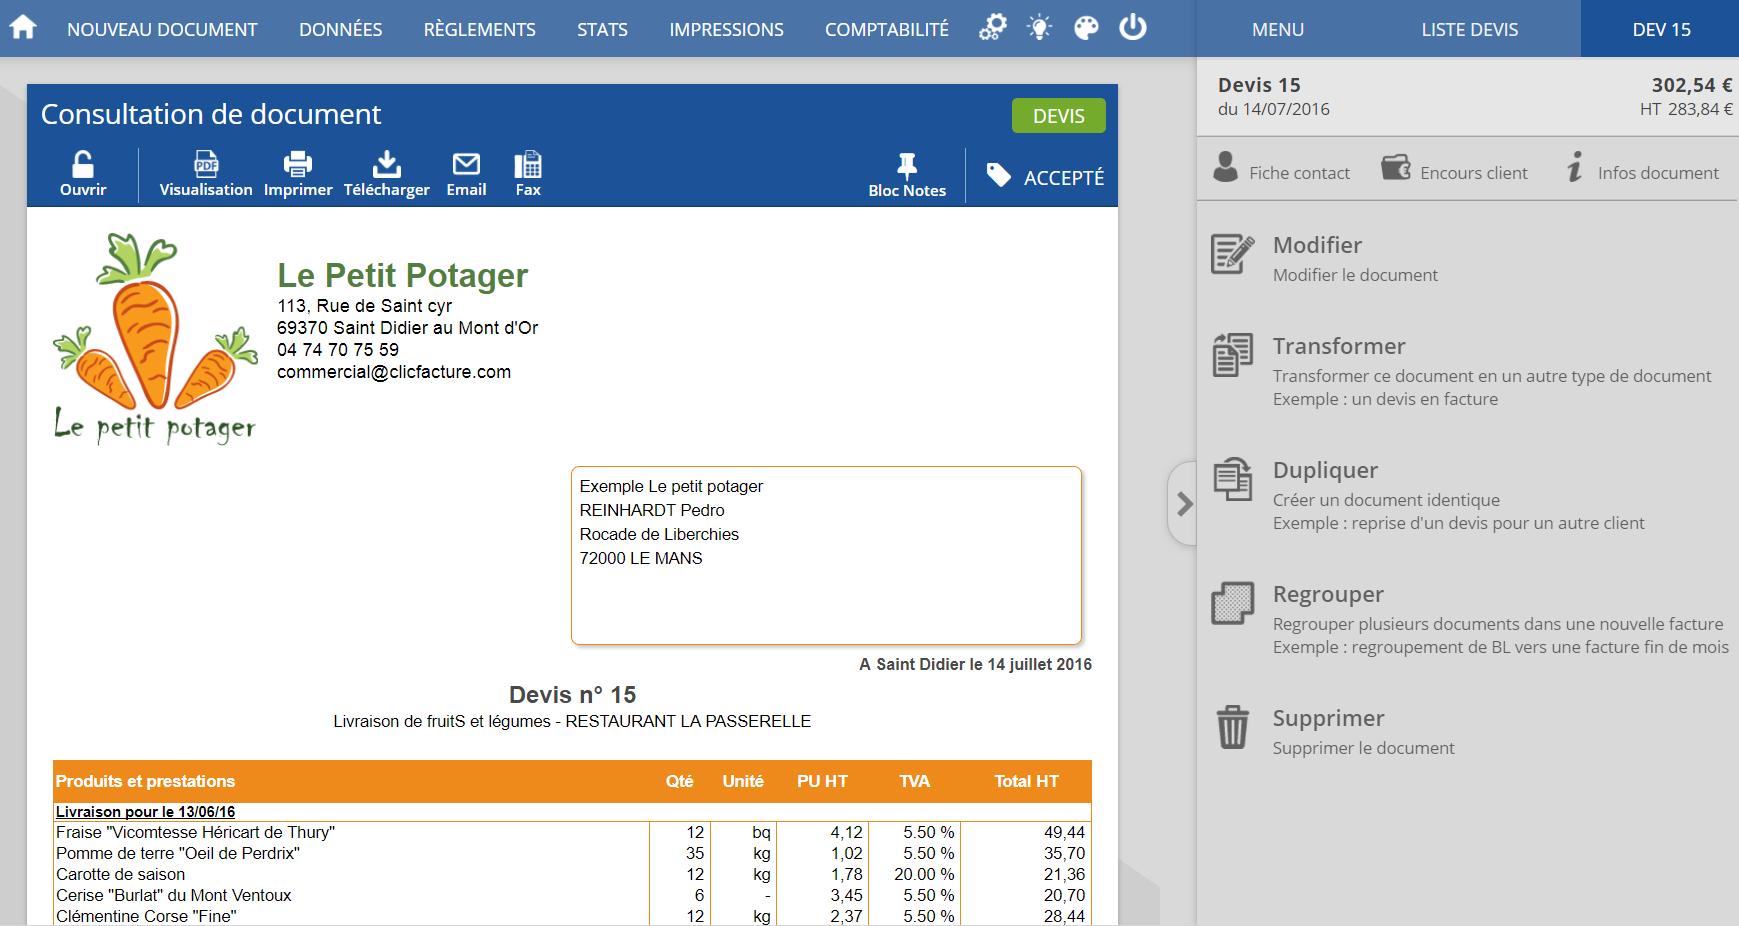 Visualización de un presupuesto en línea